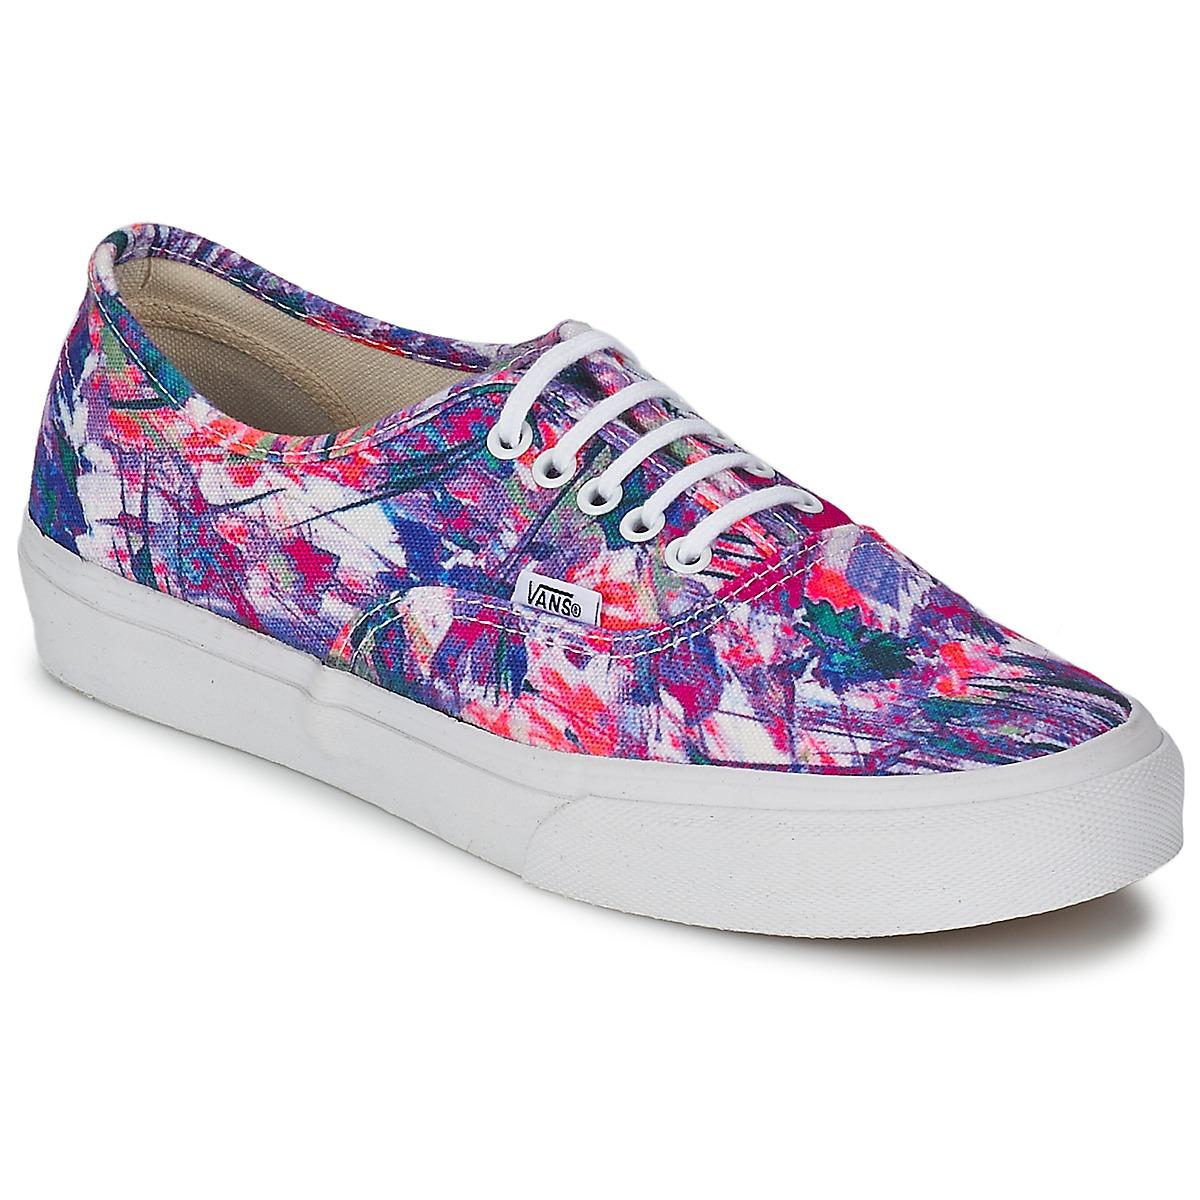 Vans AUTHENTIC SLIM Violet Livraison Gratuite avec ! Chaussures Baskets basses Femme 48,99 €